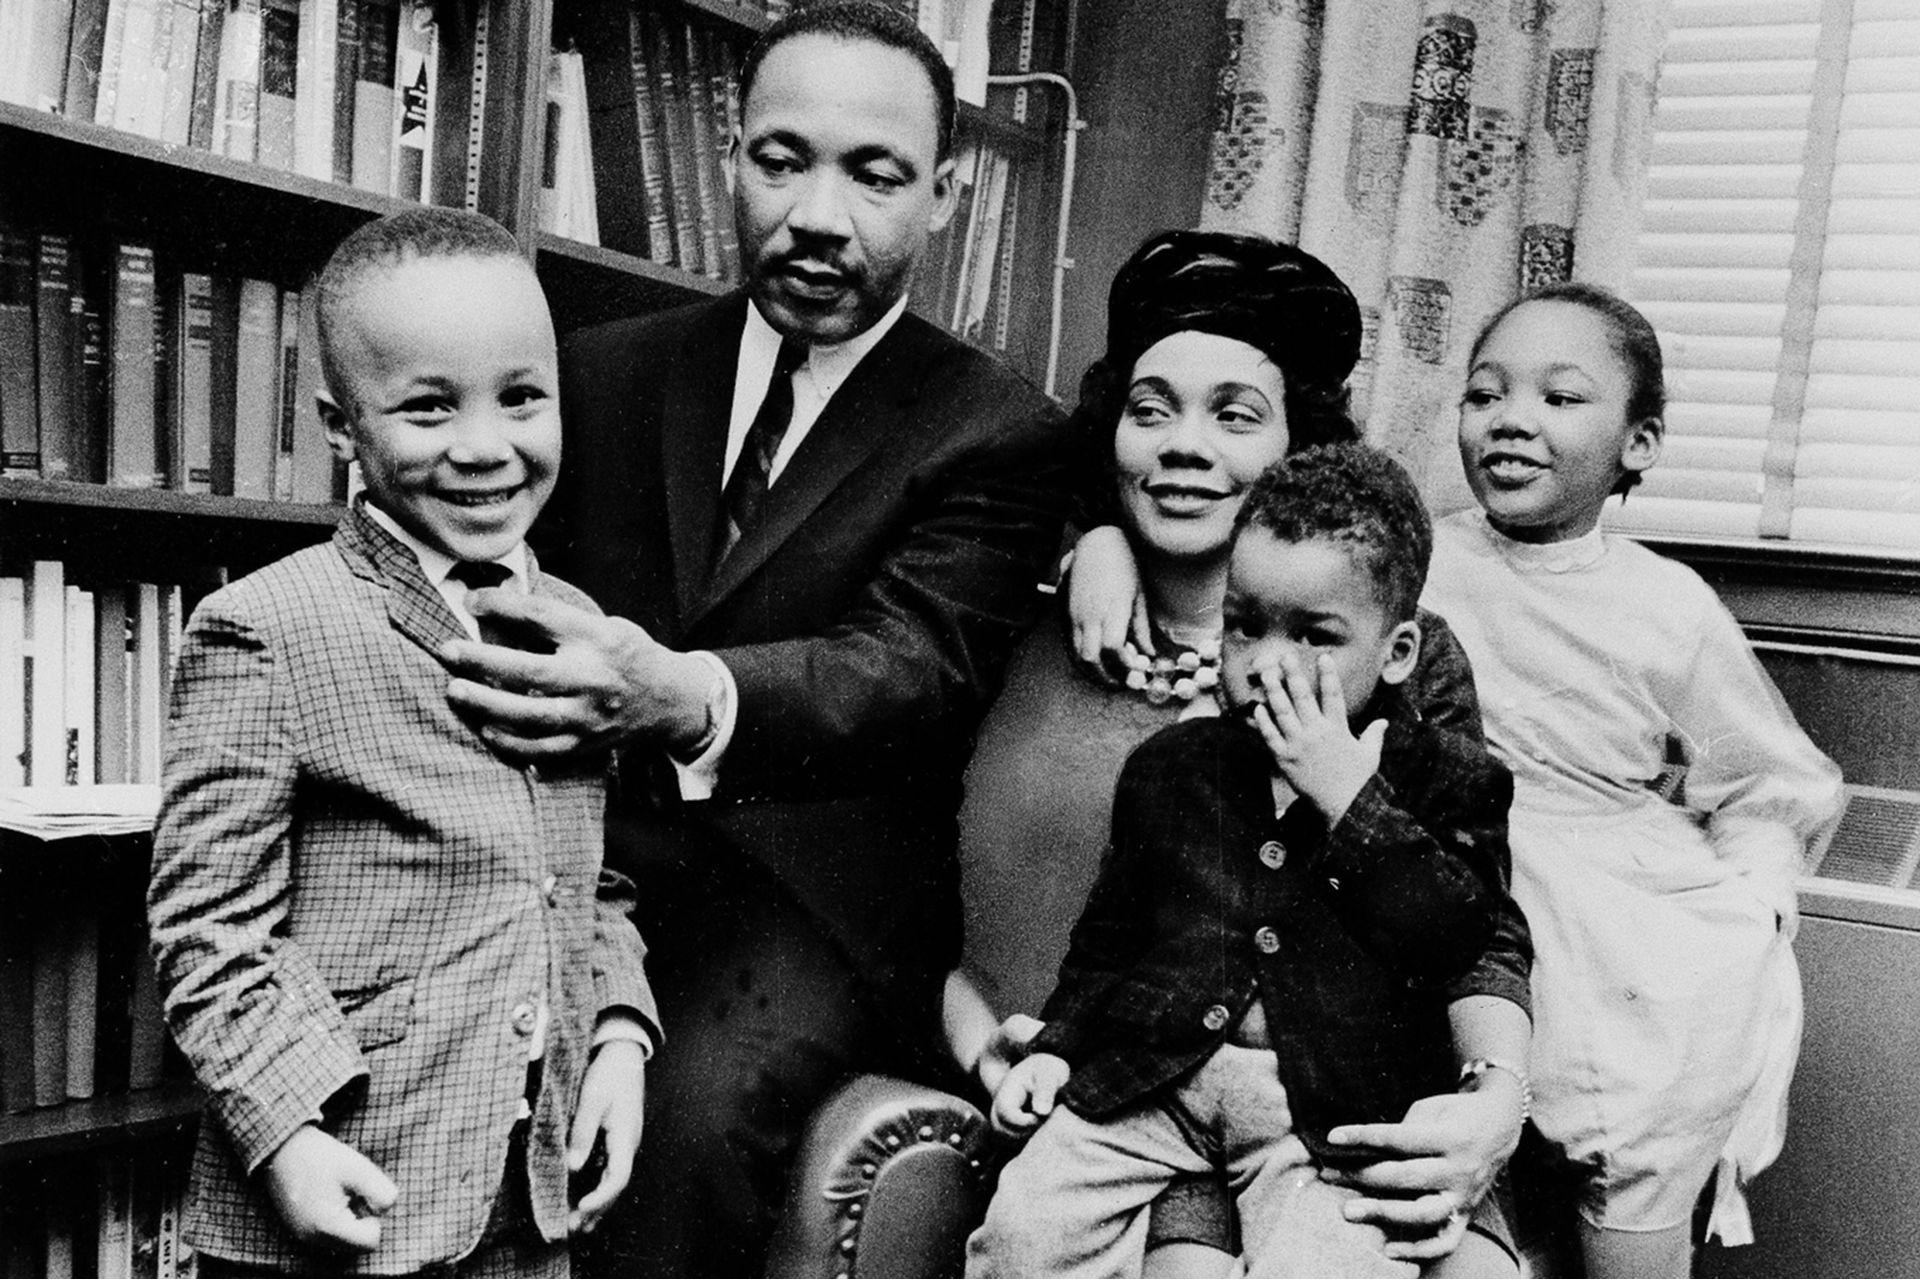 El líder junto a su esposa, Coretta, y tres de sus cuatro hijos